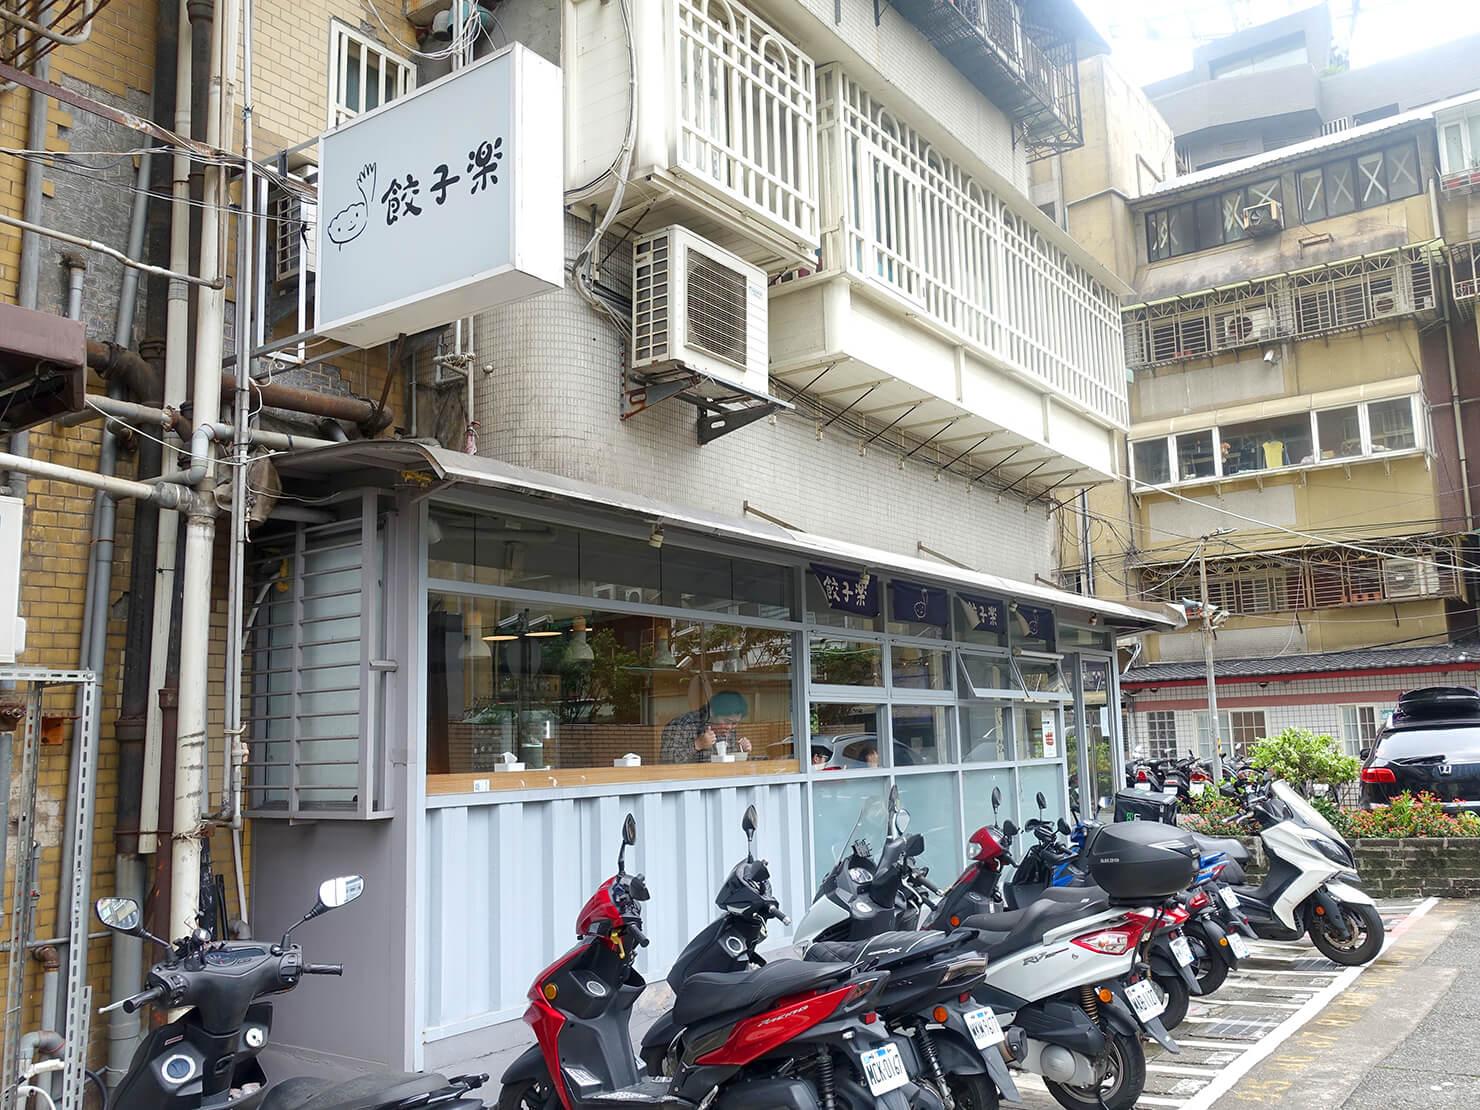 台北101エリア・MRT市政府駅周辺のおすすめグルメ店「餃子樂」の外観